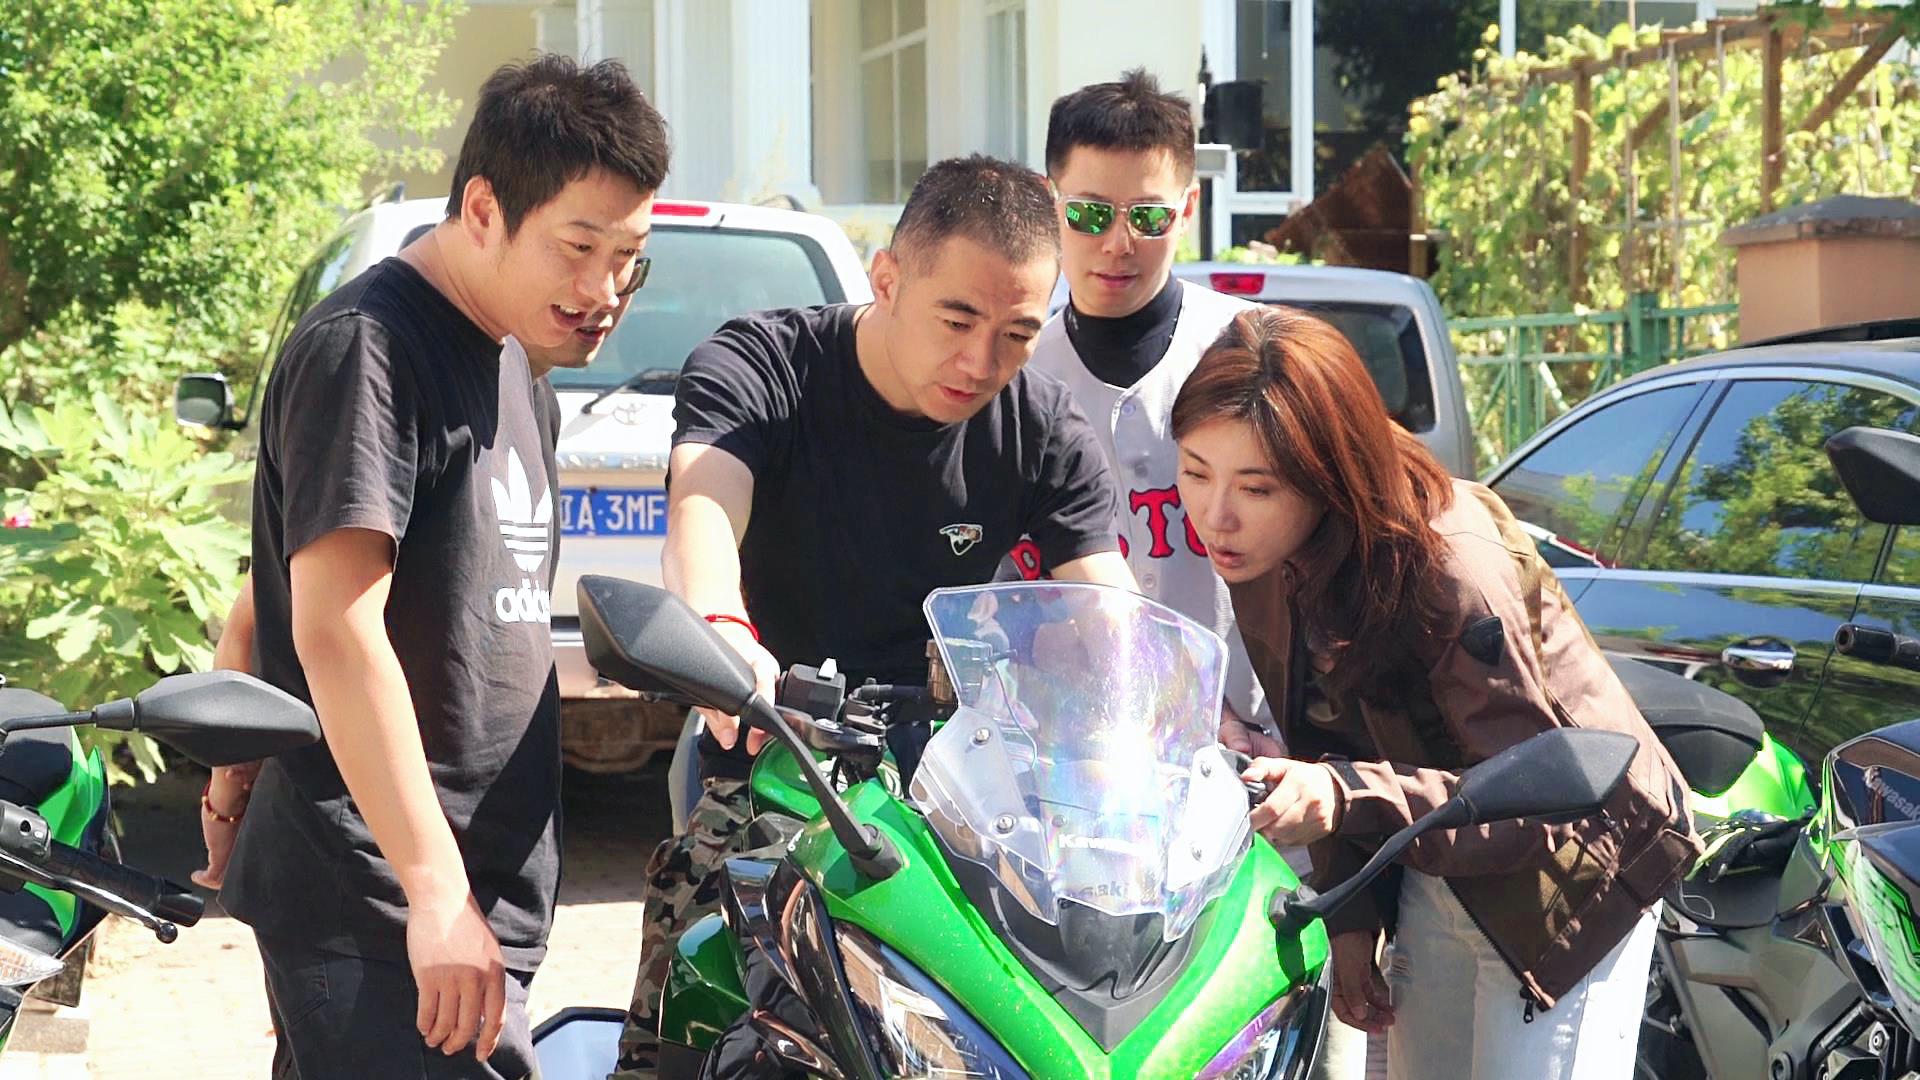 骑摩托车 除了钱最需要什么?